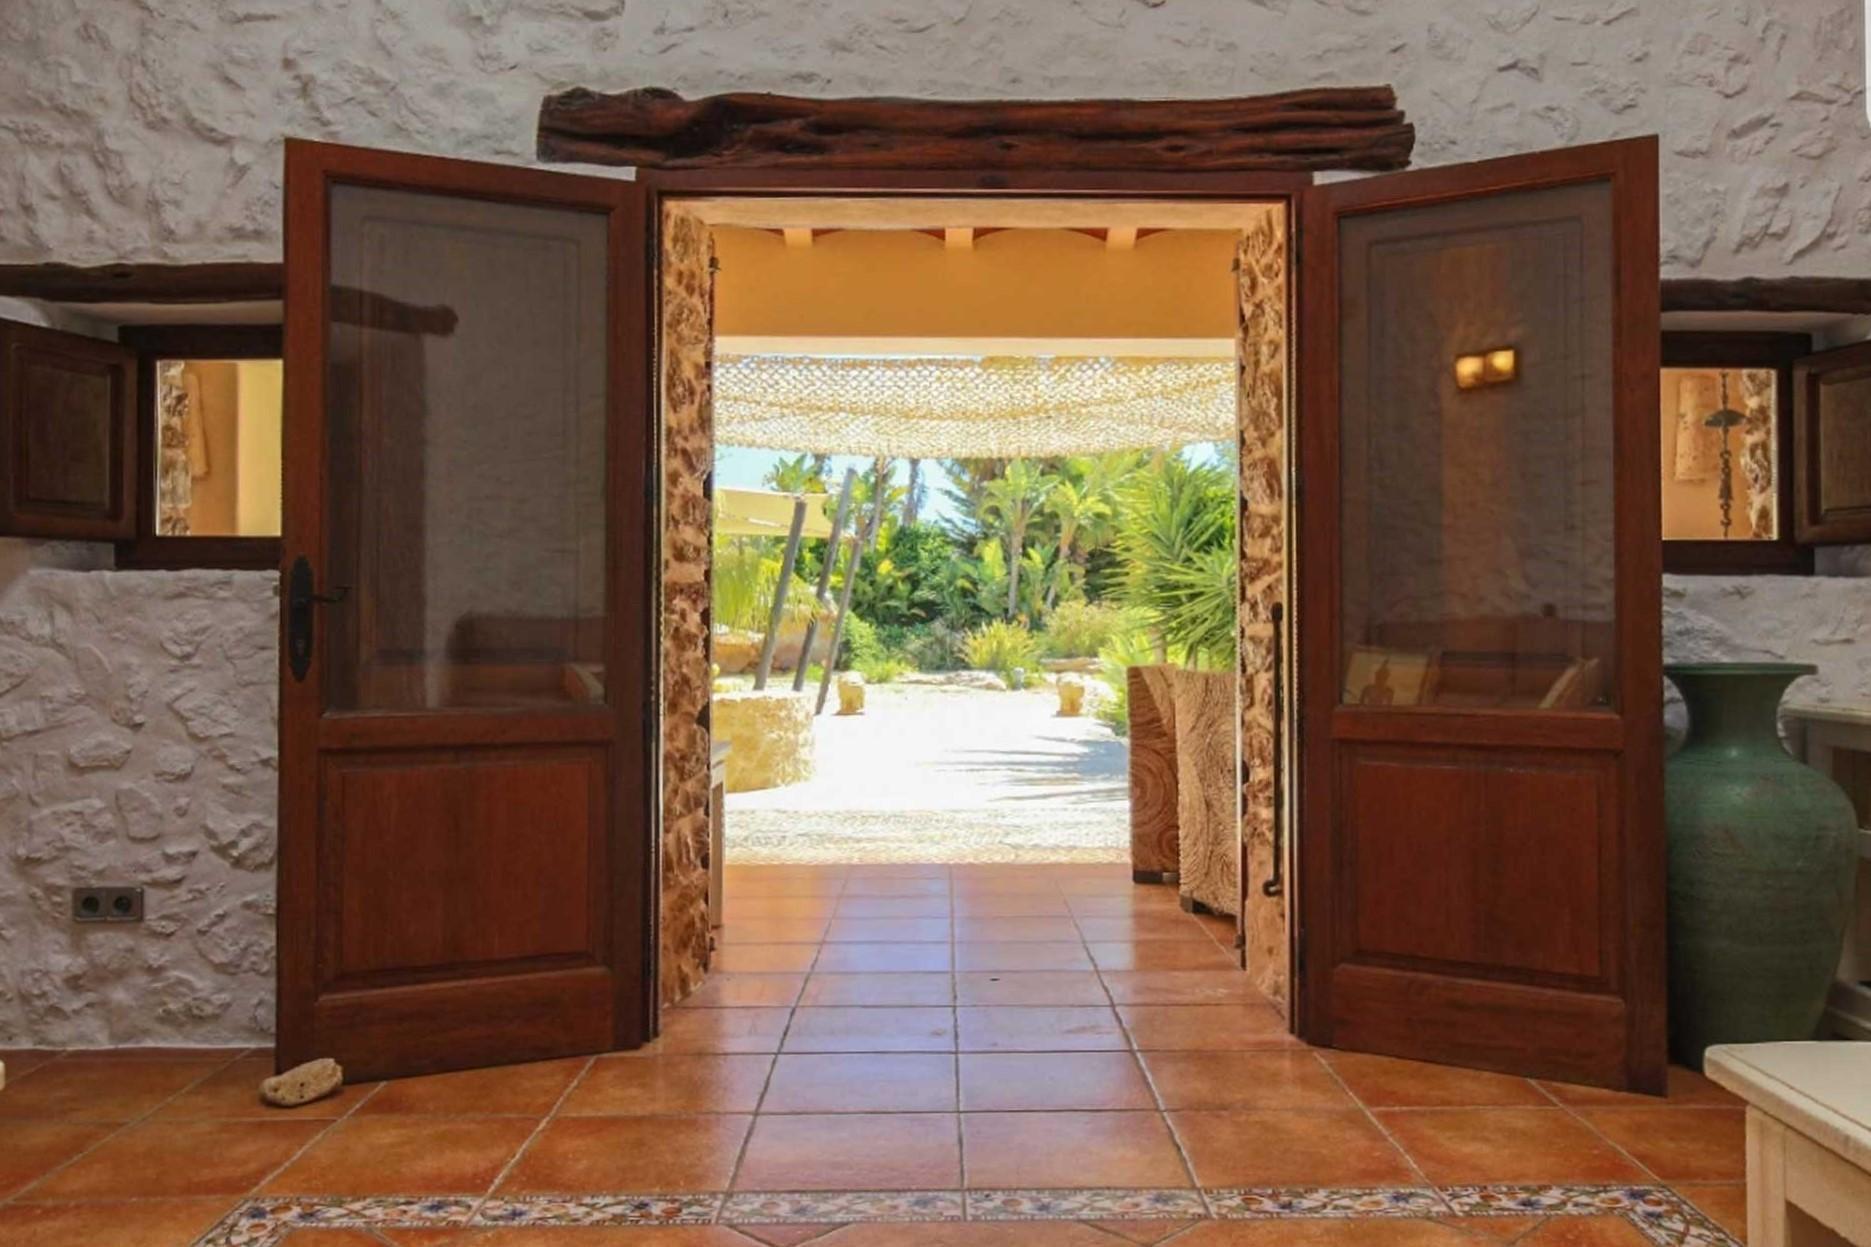 Finca Can C. Ibiza - Entrance and living area